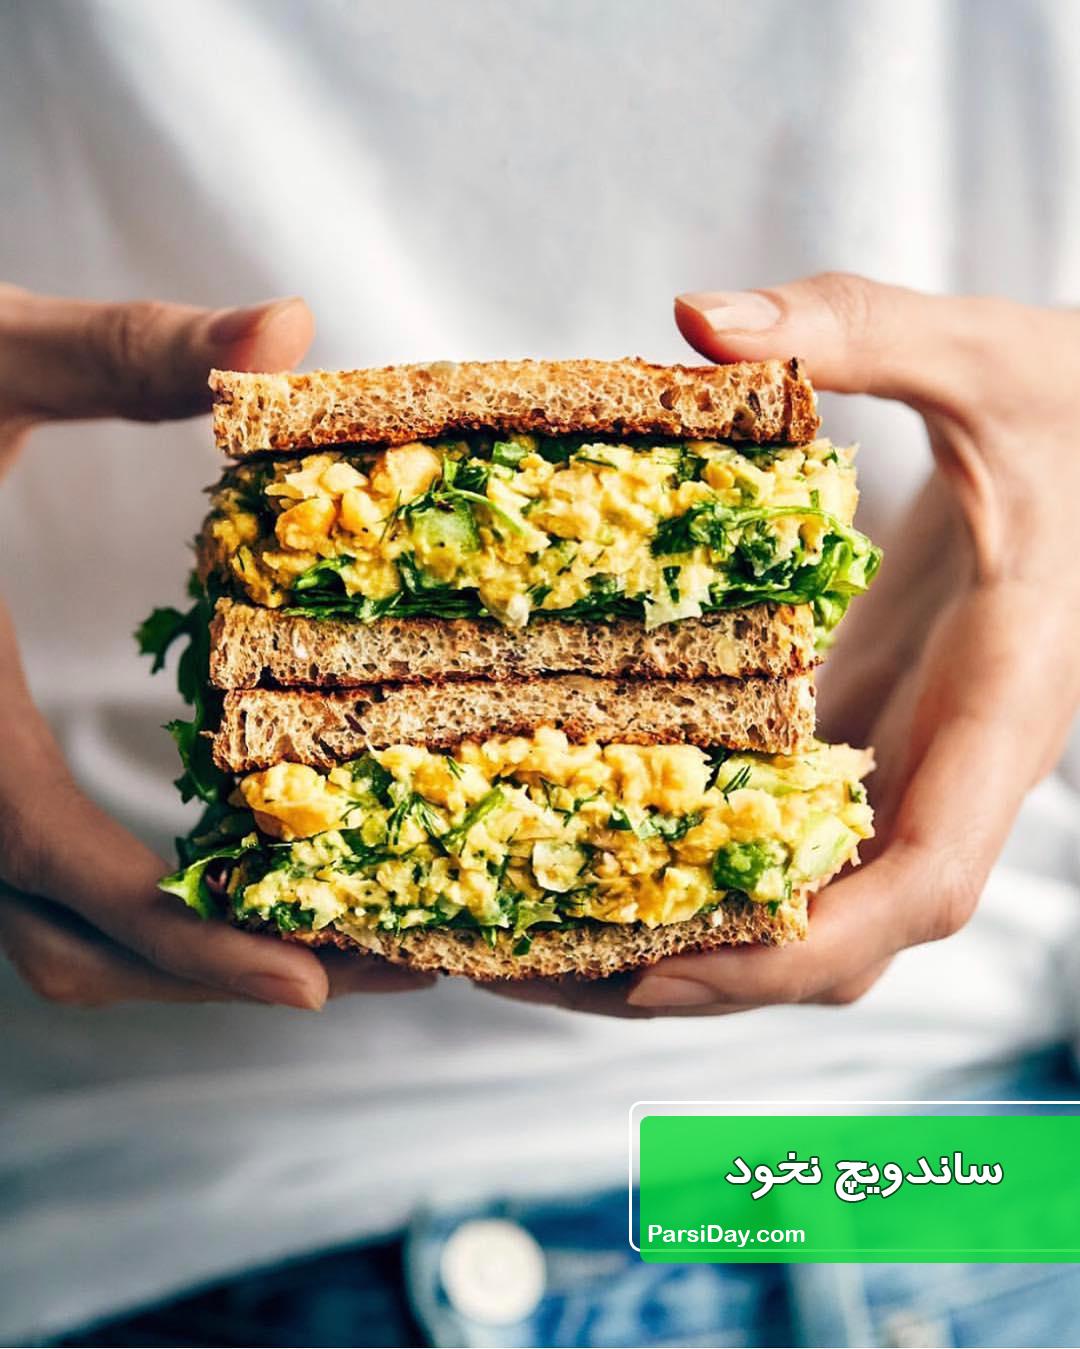 طرز تهیه ساندویچ نخود ساده و مقوی با نان تست و شوید